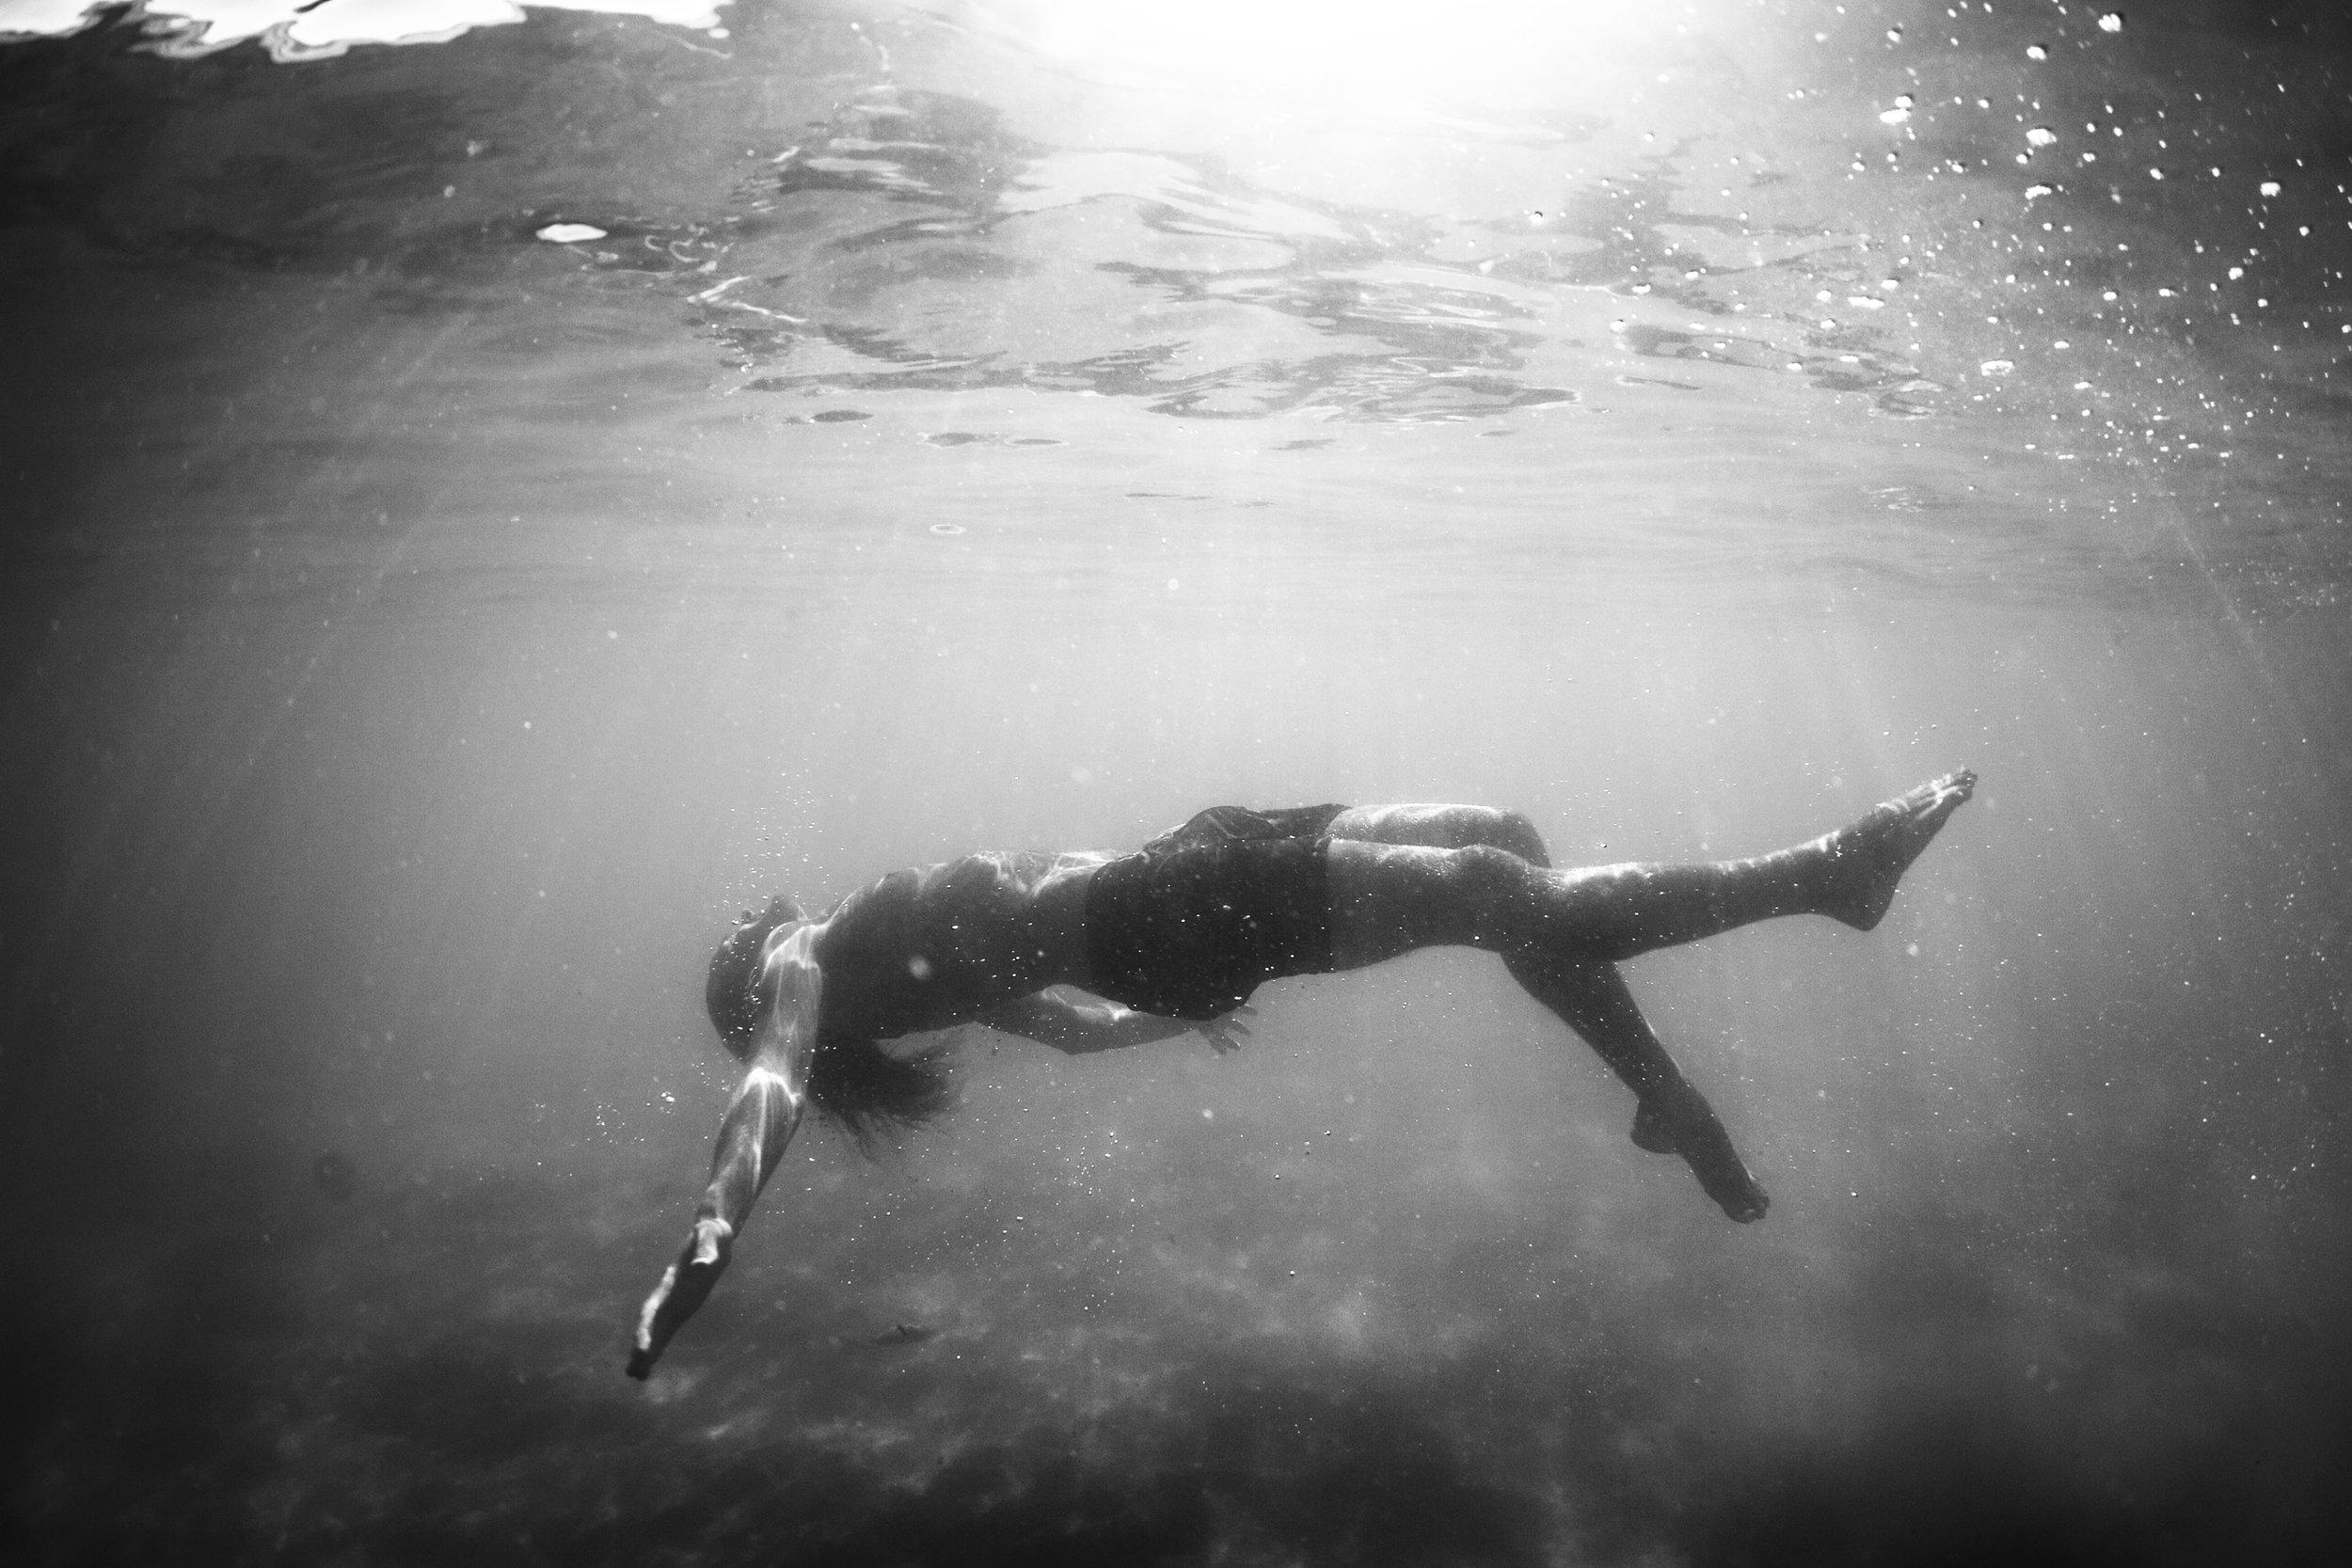 underwater_06.jpg